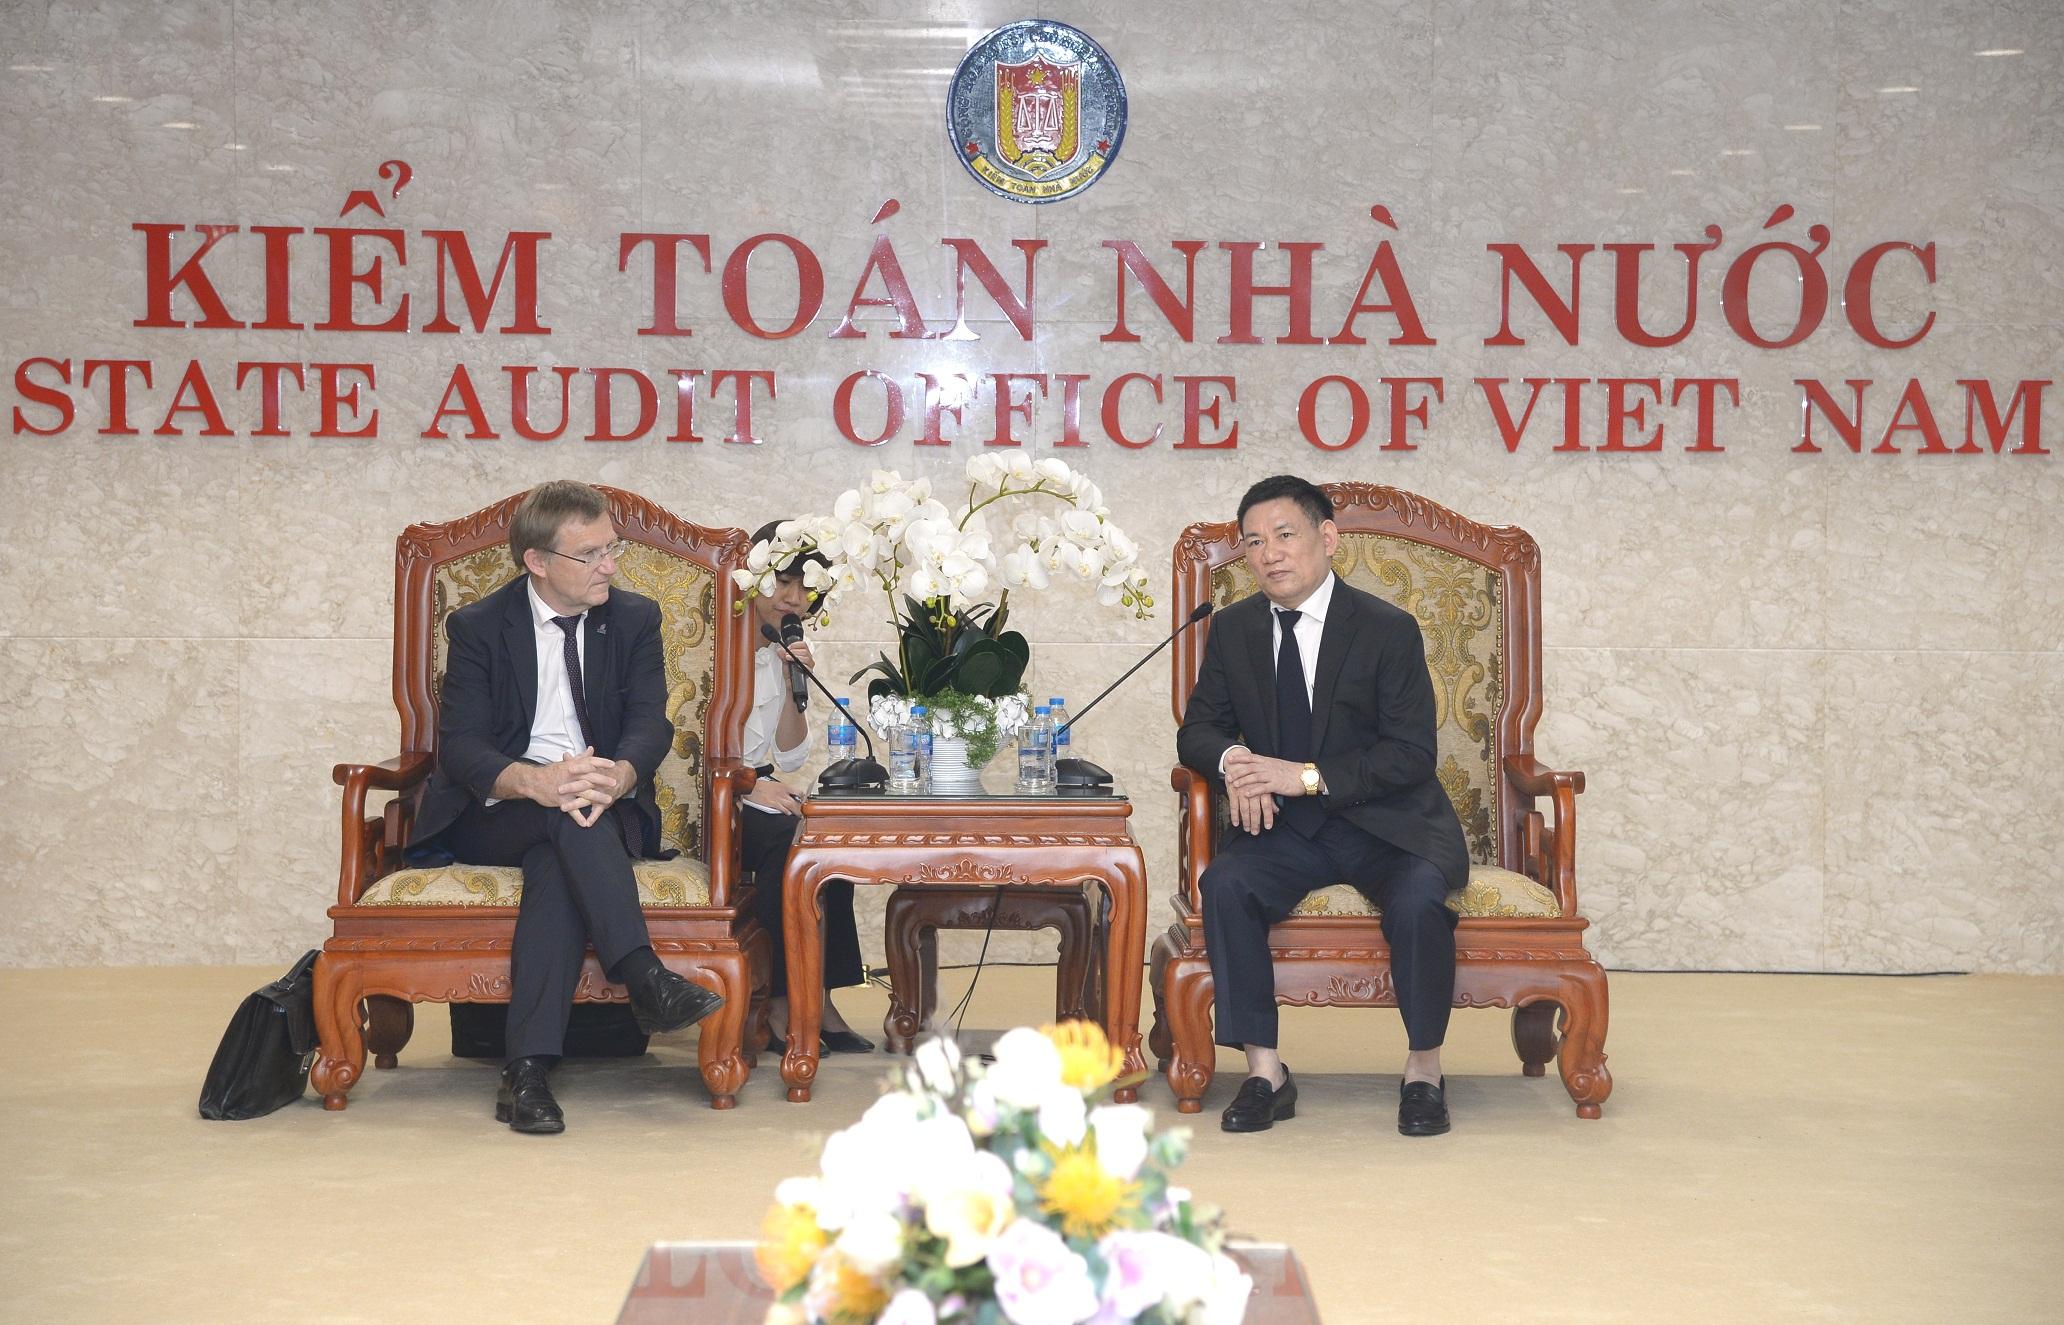 Tổng Kiểm toán Nhà nước Hồ Đức Phớc tiếp Phó Giám đốc điều hành Cơ quan hợp tác kỹ thuật quốc tế Pháp